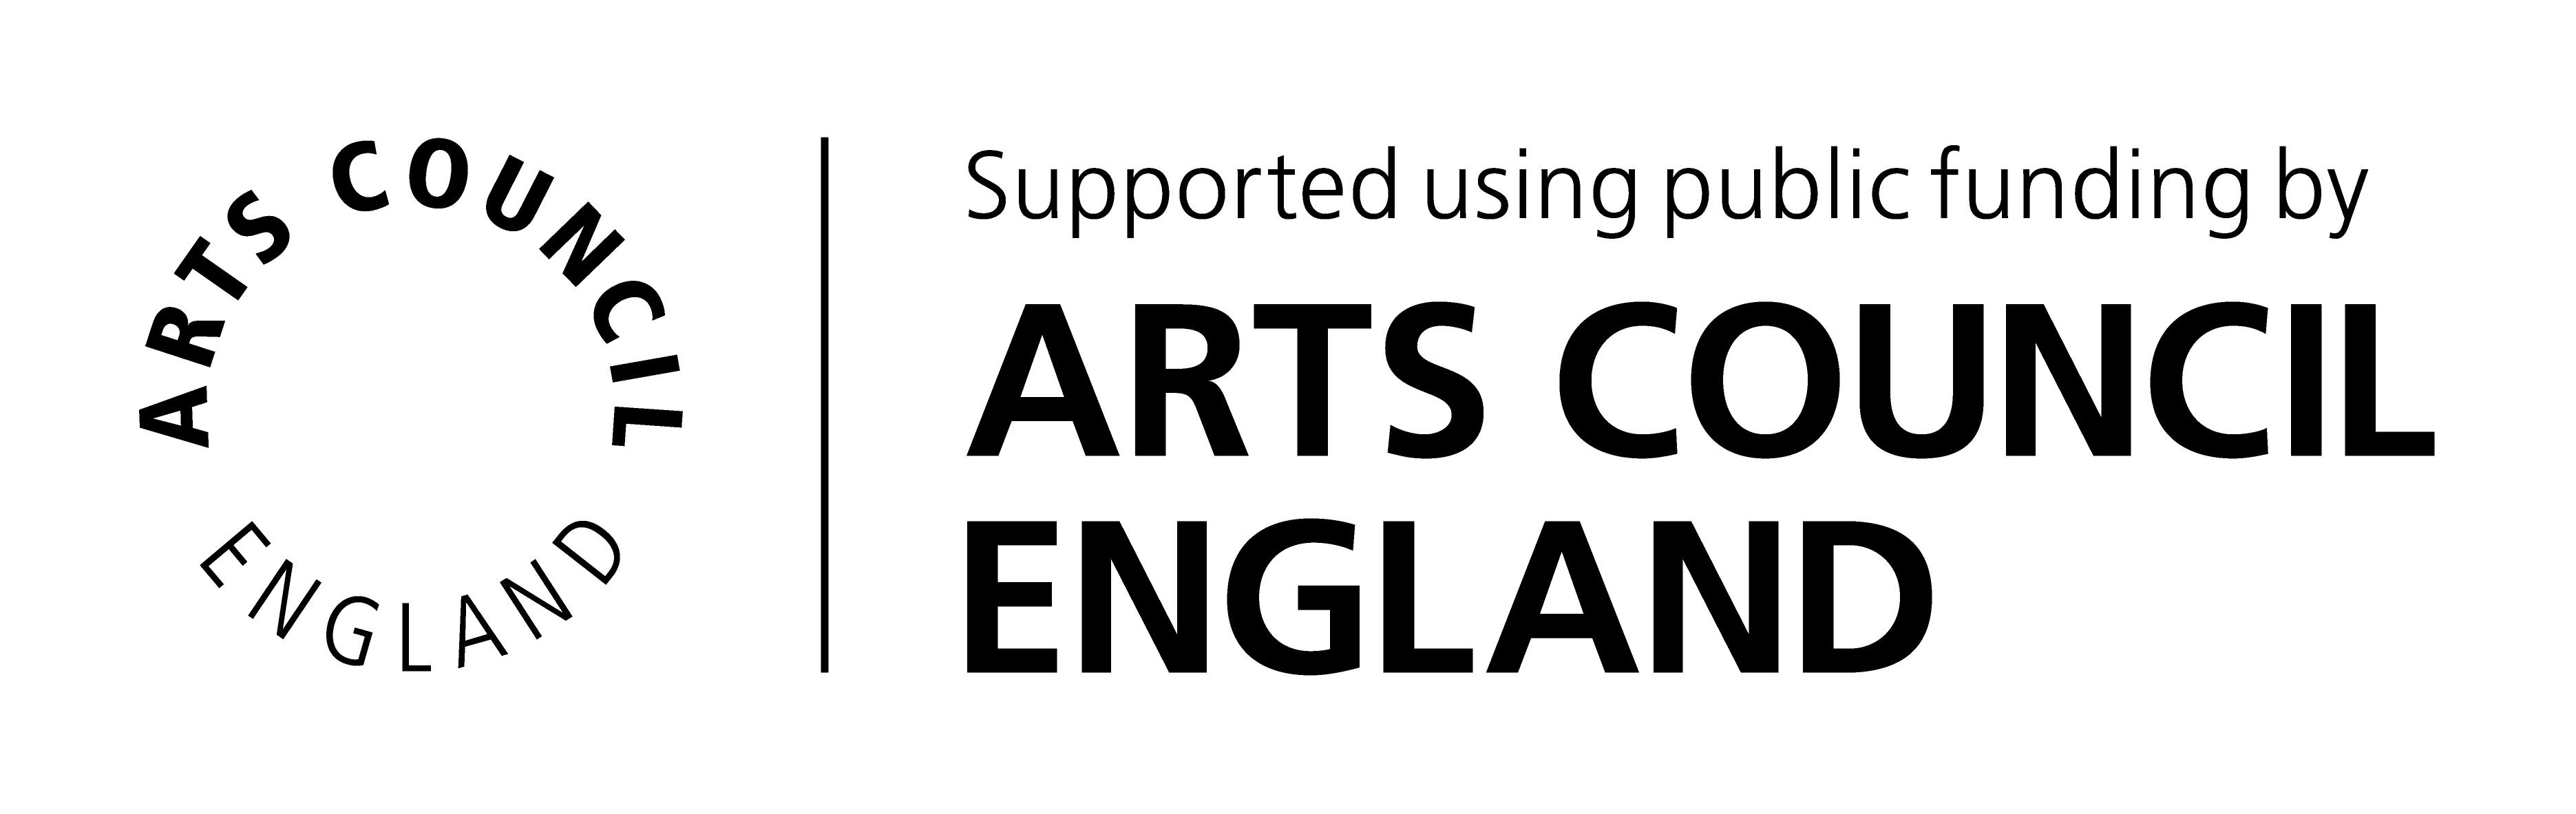 Arts Council of England logo